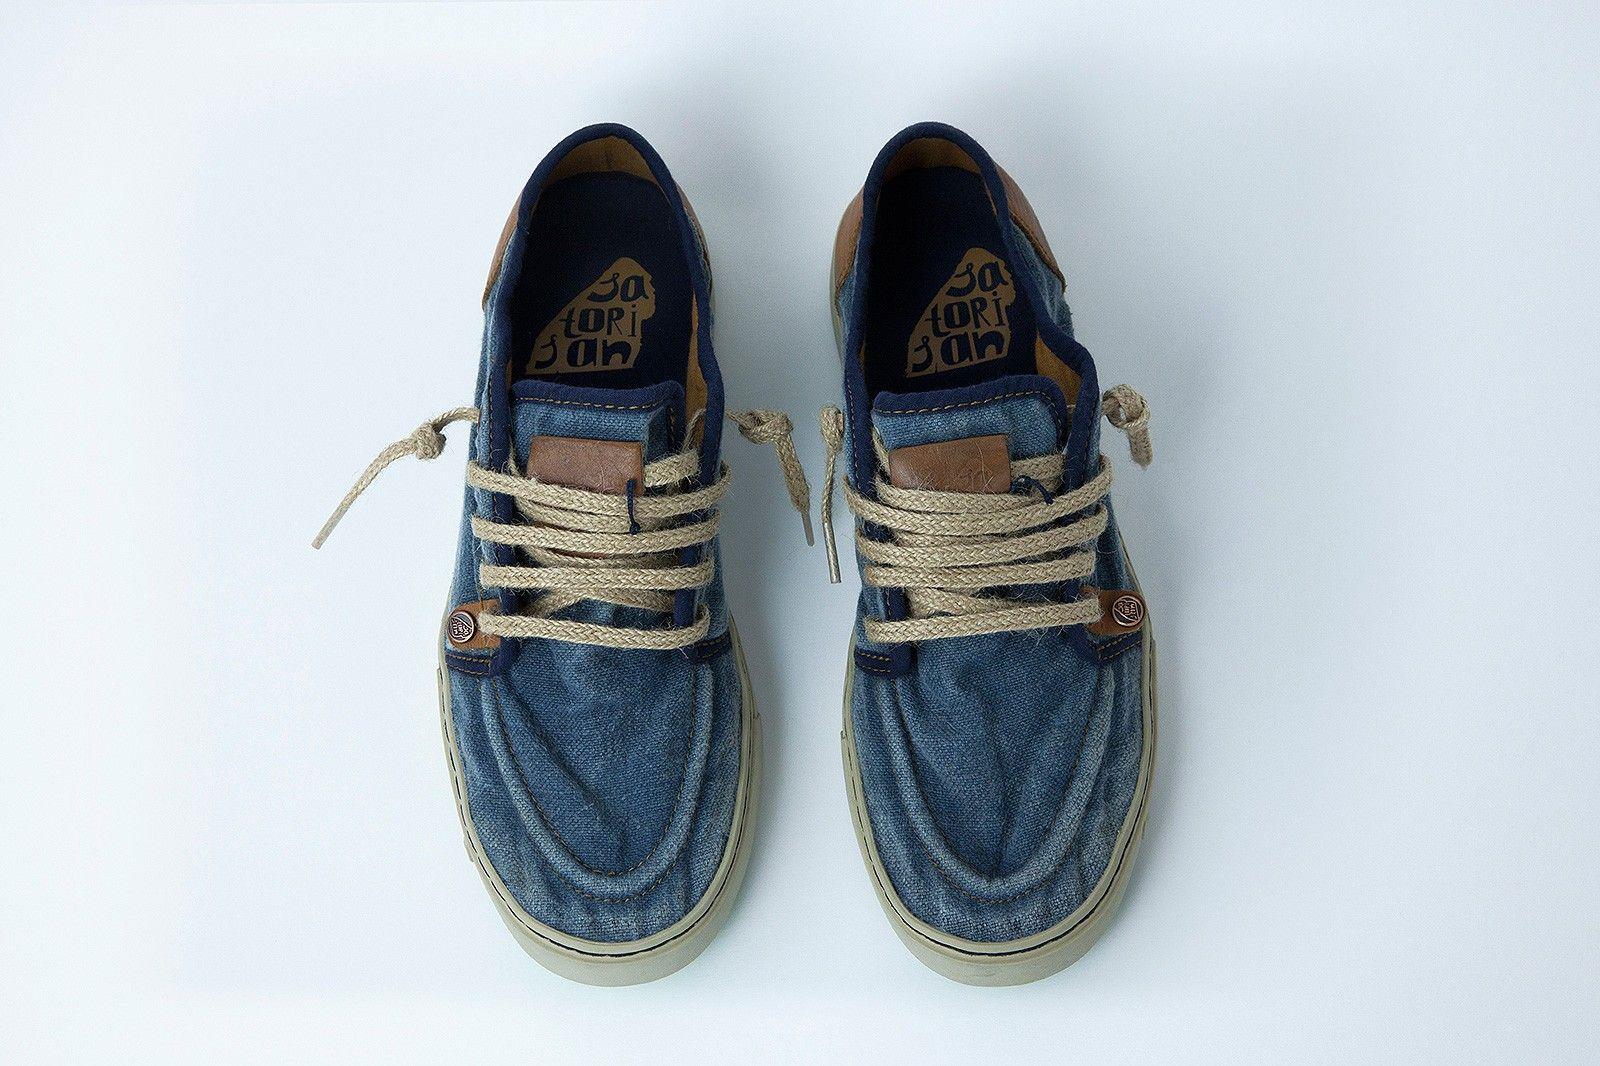 Vans Chukka Low Linen Grey Gum Skate Shoe